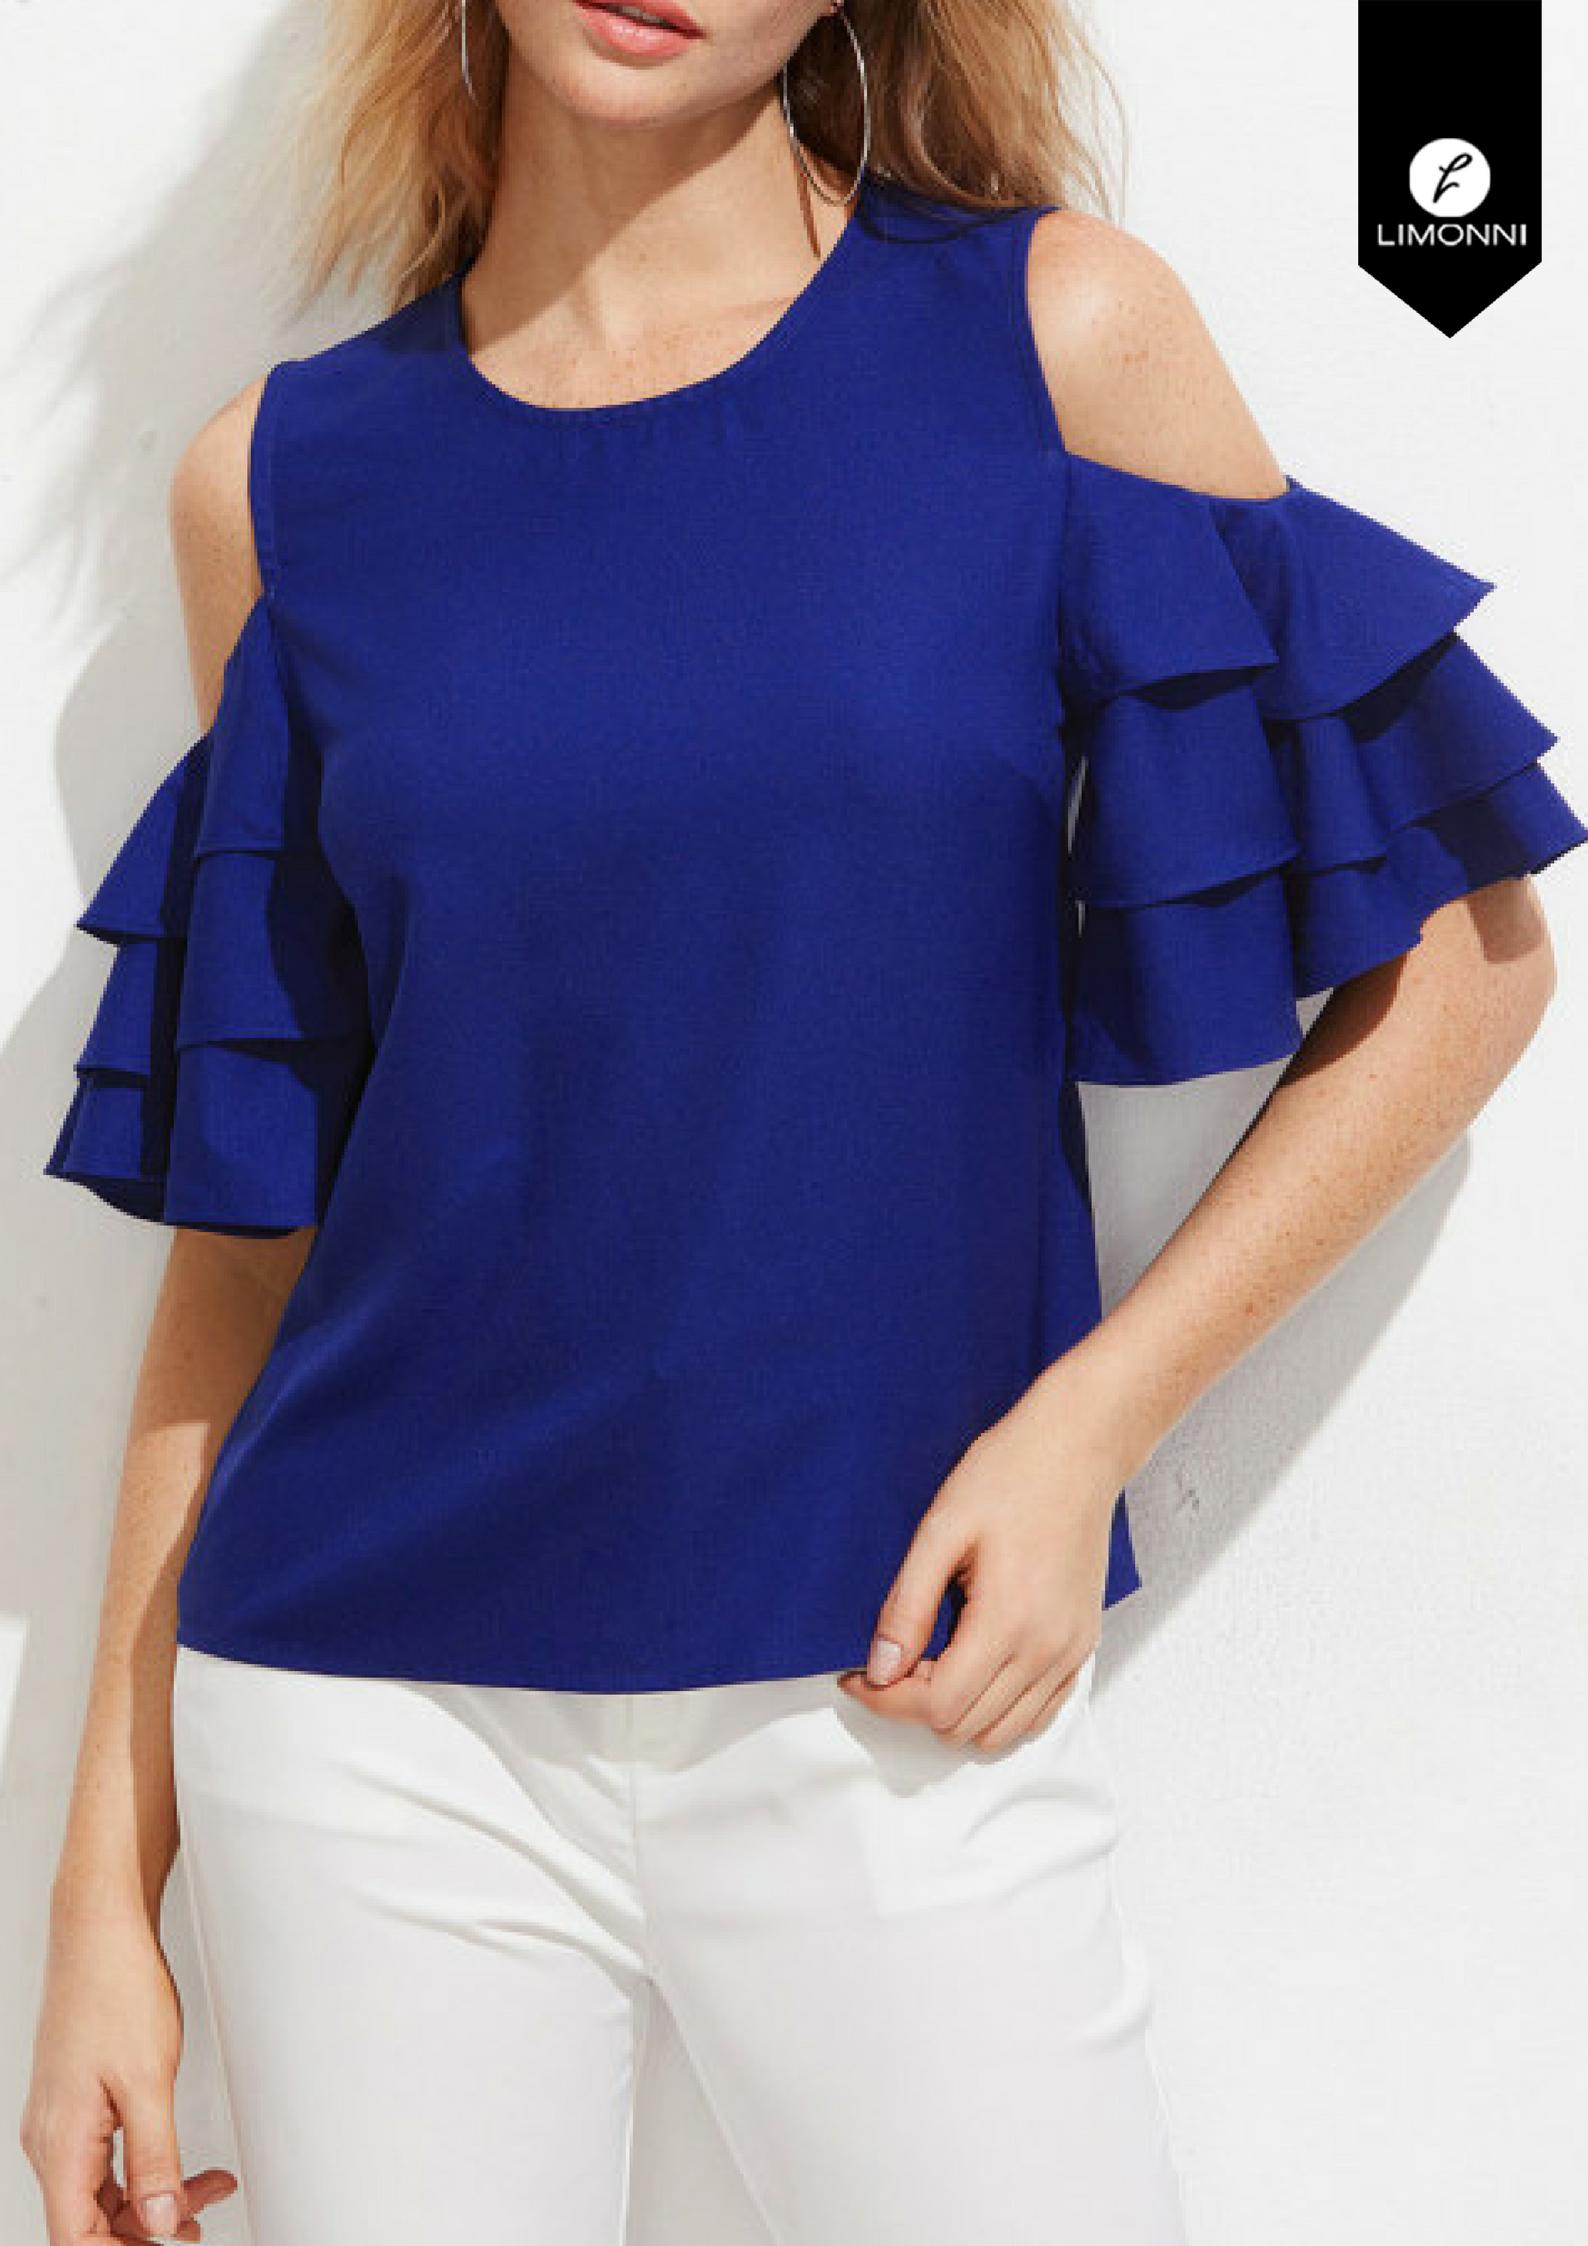 Blusas para mujer Limonni Novalee LI1477 Casuales